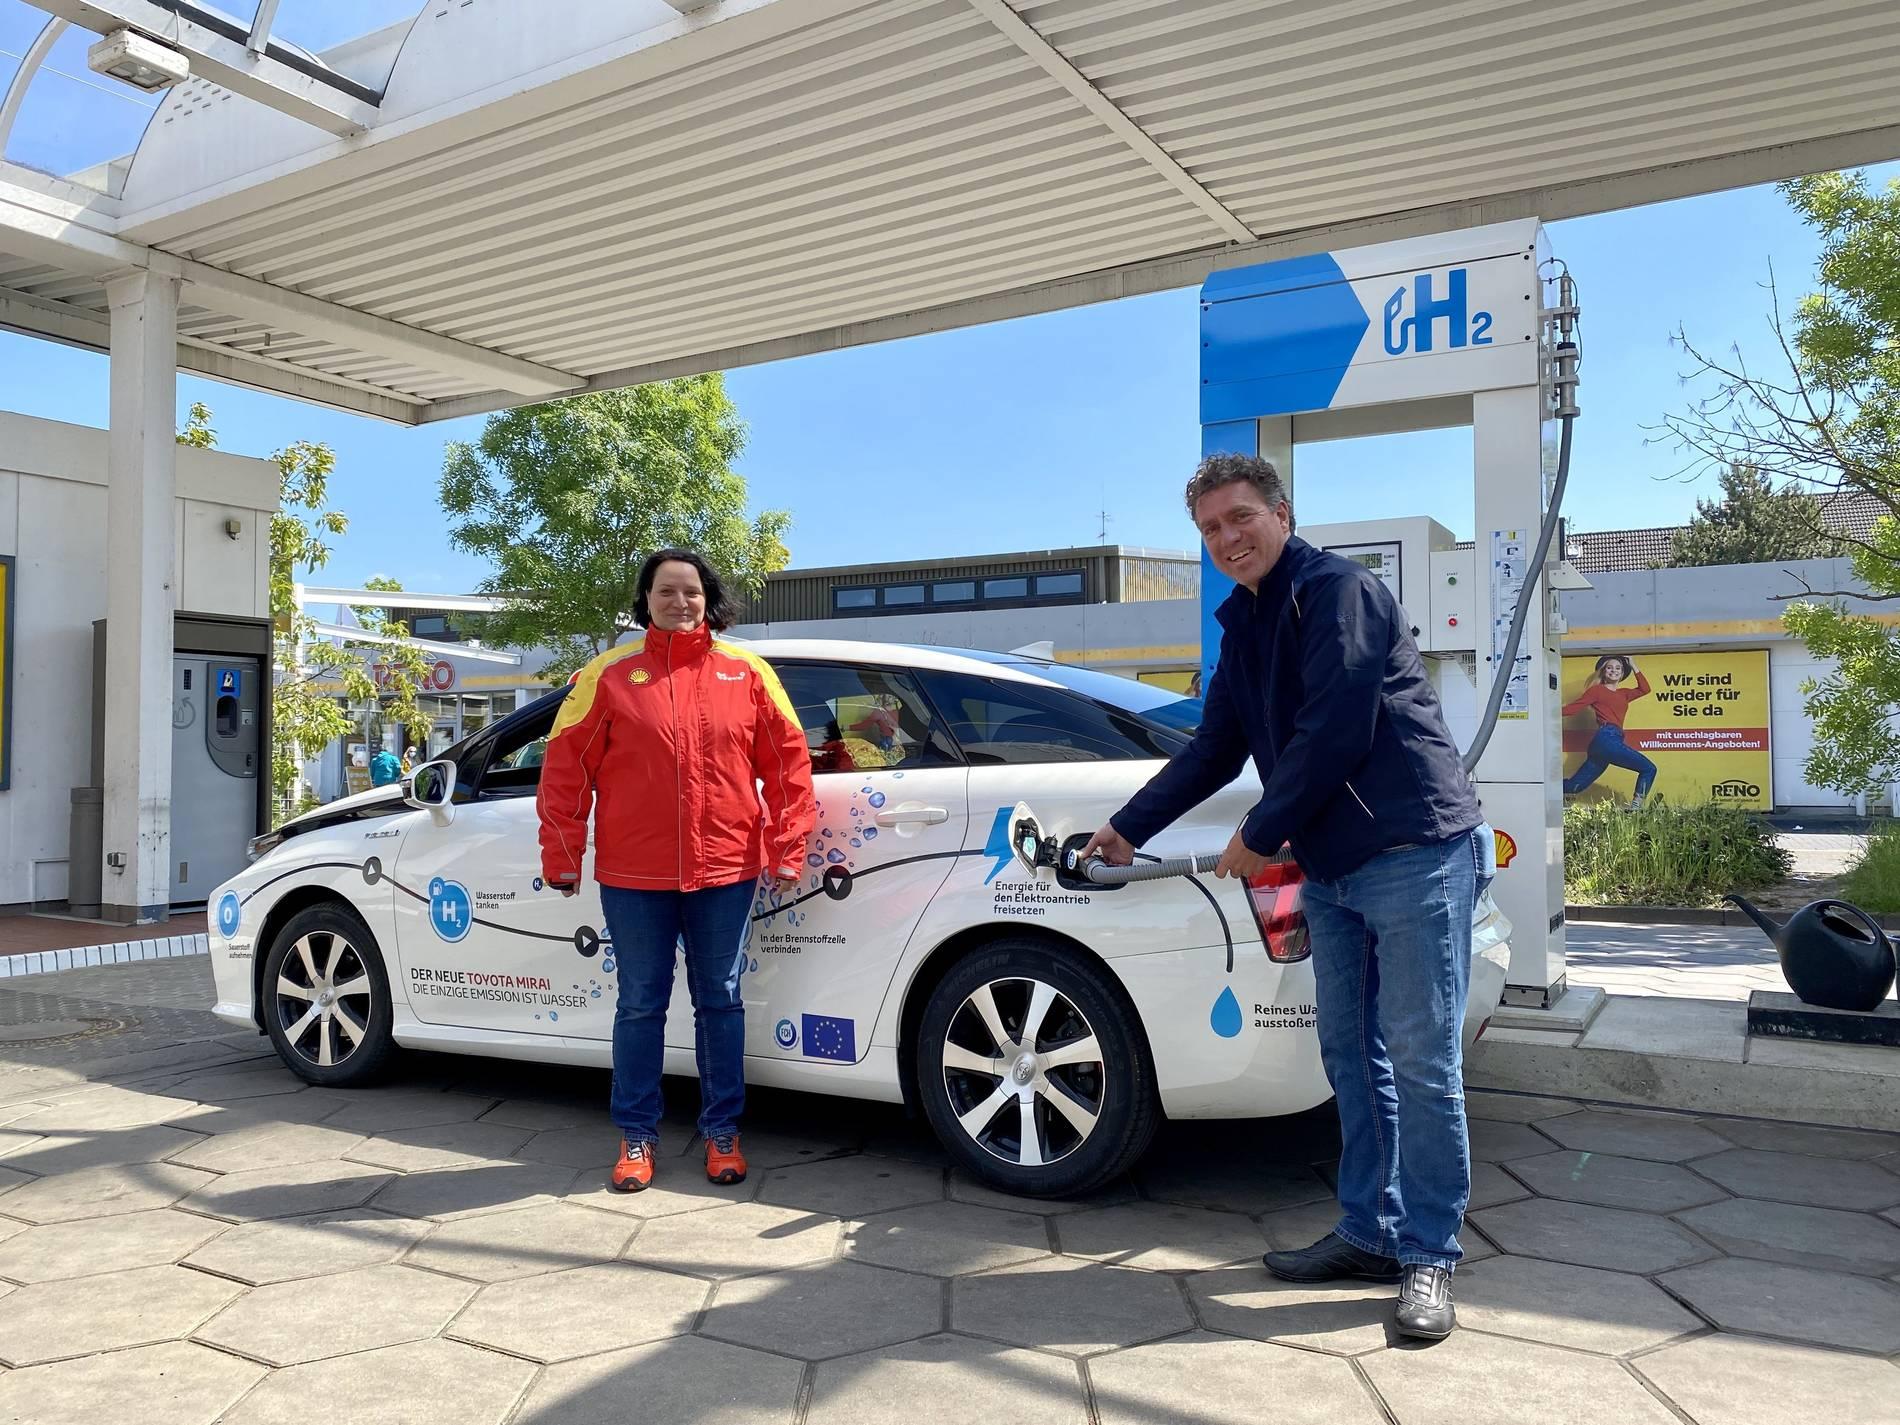 Tankstelle in Endenich bietet nun Wasserstoff an